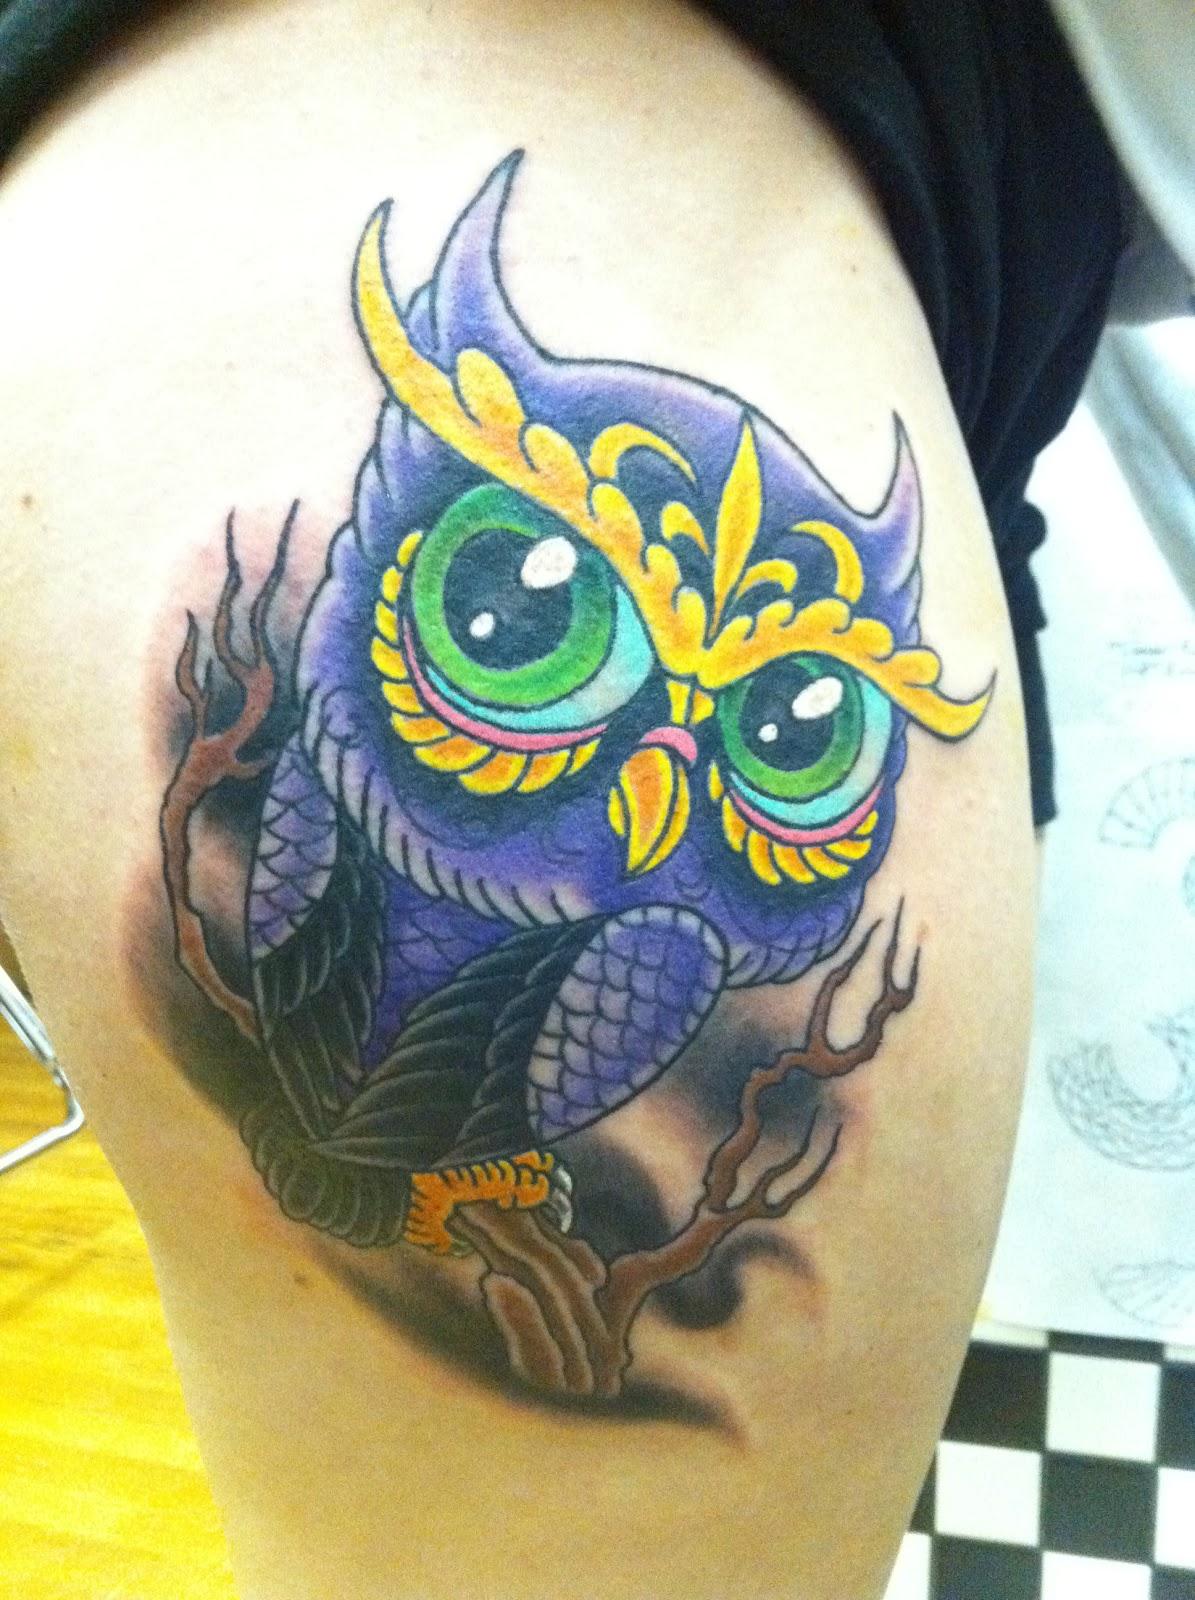 Brass city tattoo 02 11 for Jay crockett tattoo